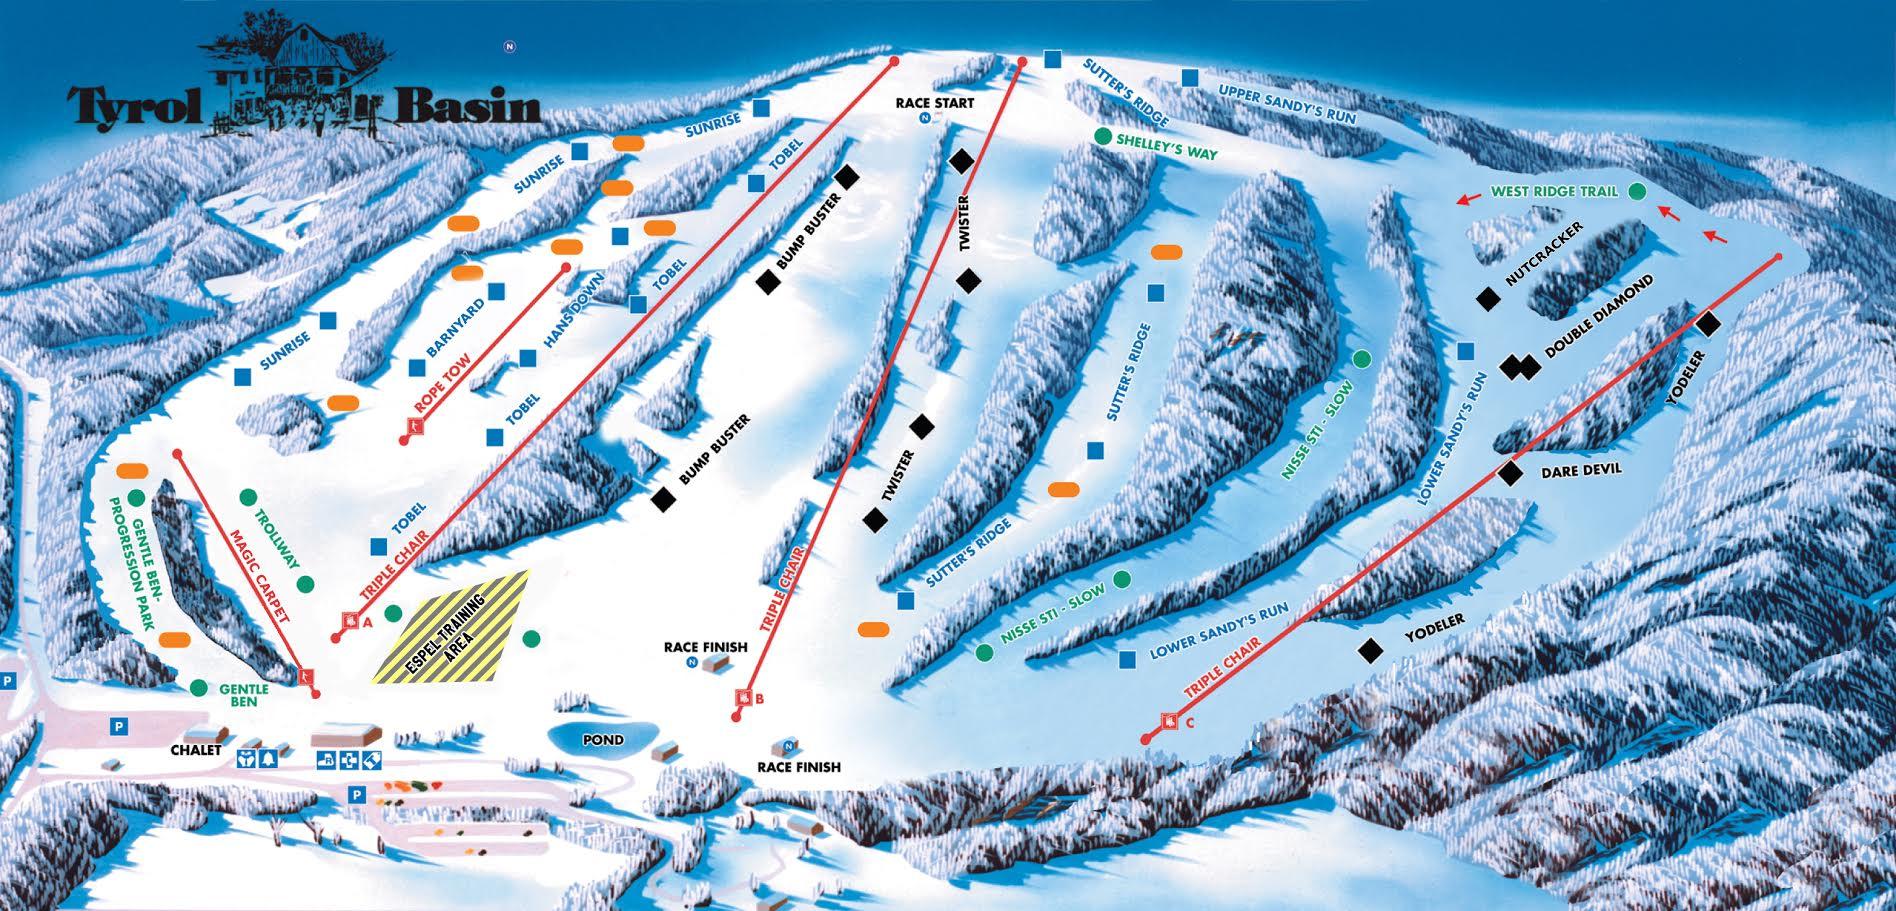 tyrol basin trail map